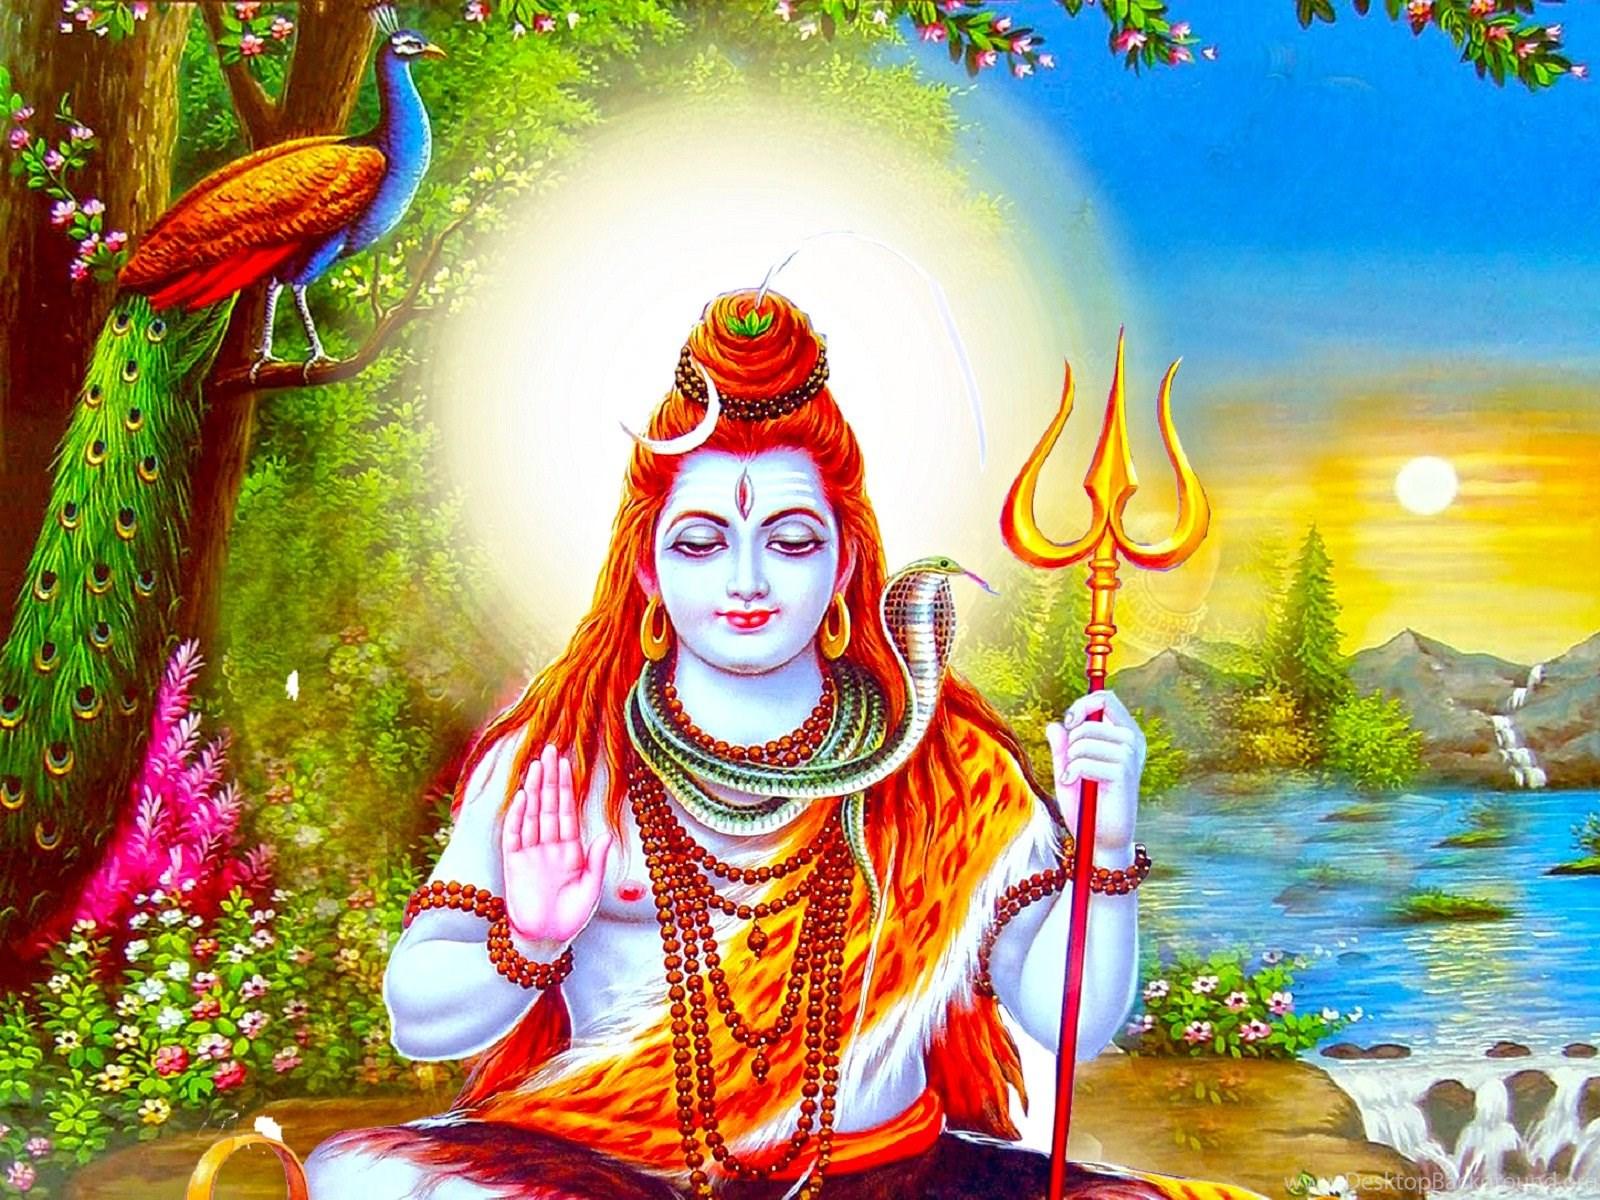 Shiva Wallpaper In Hd: Lord Shiva New Hd WallpaperNew Hd Wallpapers Desktop